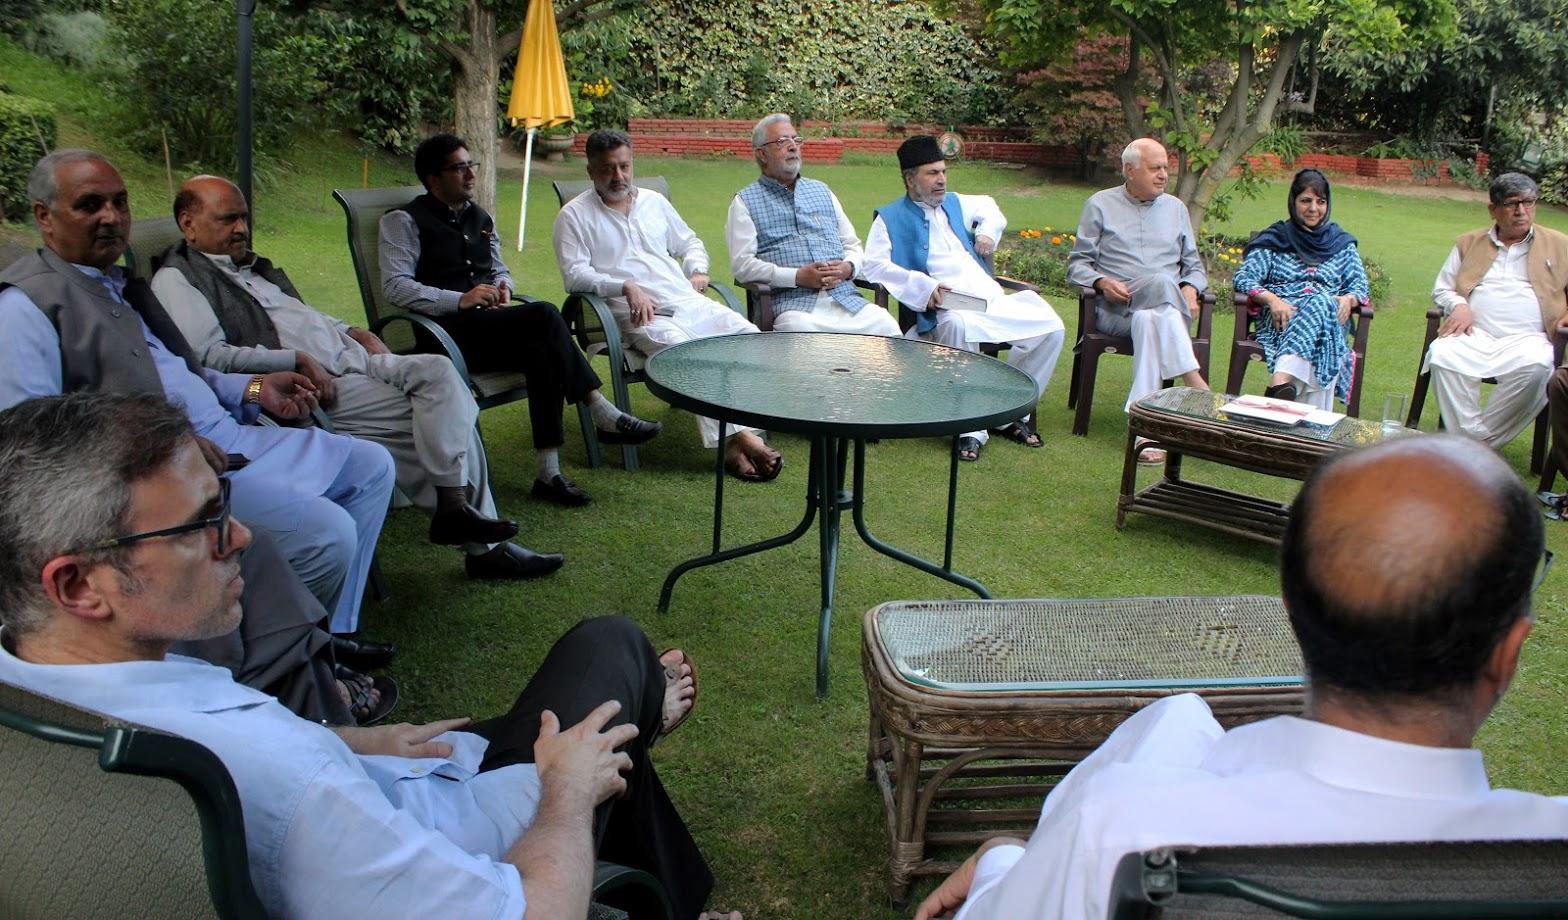 नॅशनल कॉन्फरन्सचे नेते फारुक अब्दुल्ला, ओमर अब्दुल्ला, पीडीपीच्या नेत्या मेहबुबा मुफ्ती यांच्यासह सर्वपक्षीय नेत्यांनी बैठक घेतली.